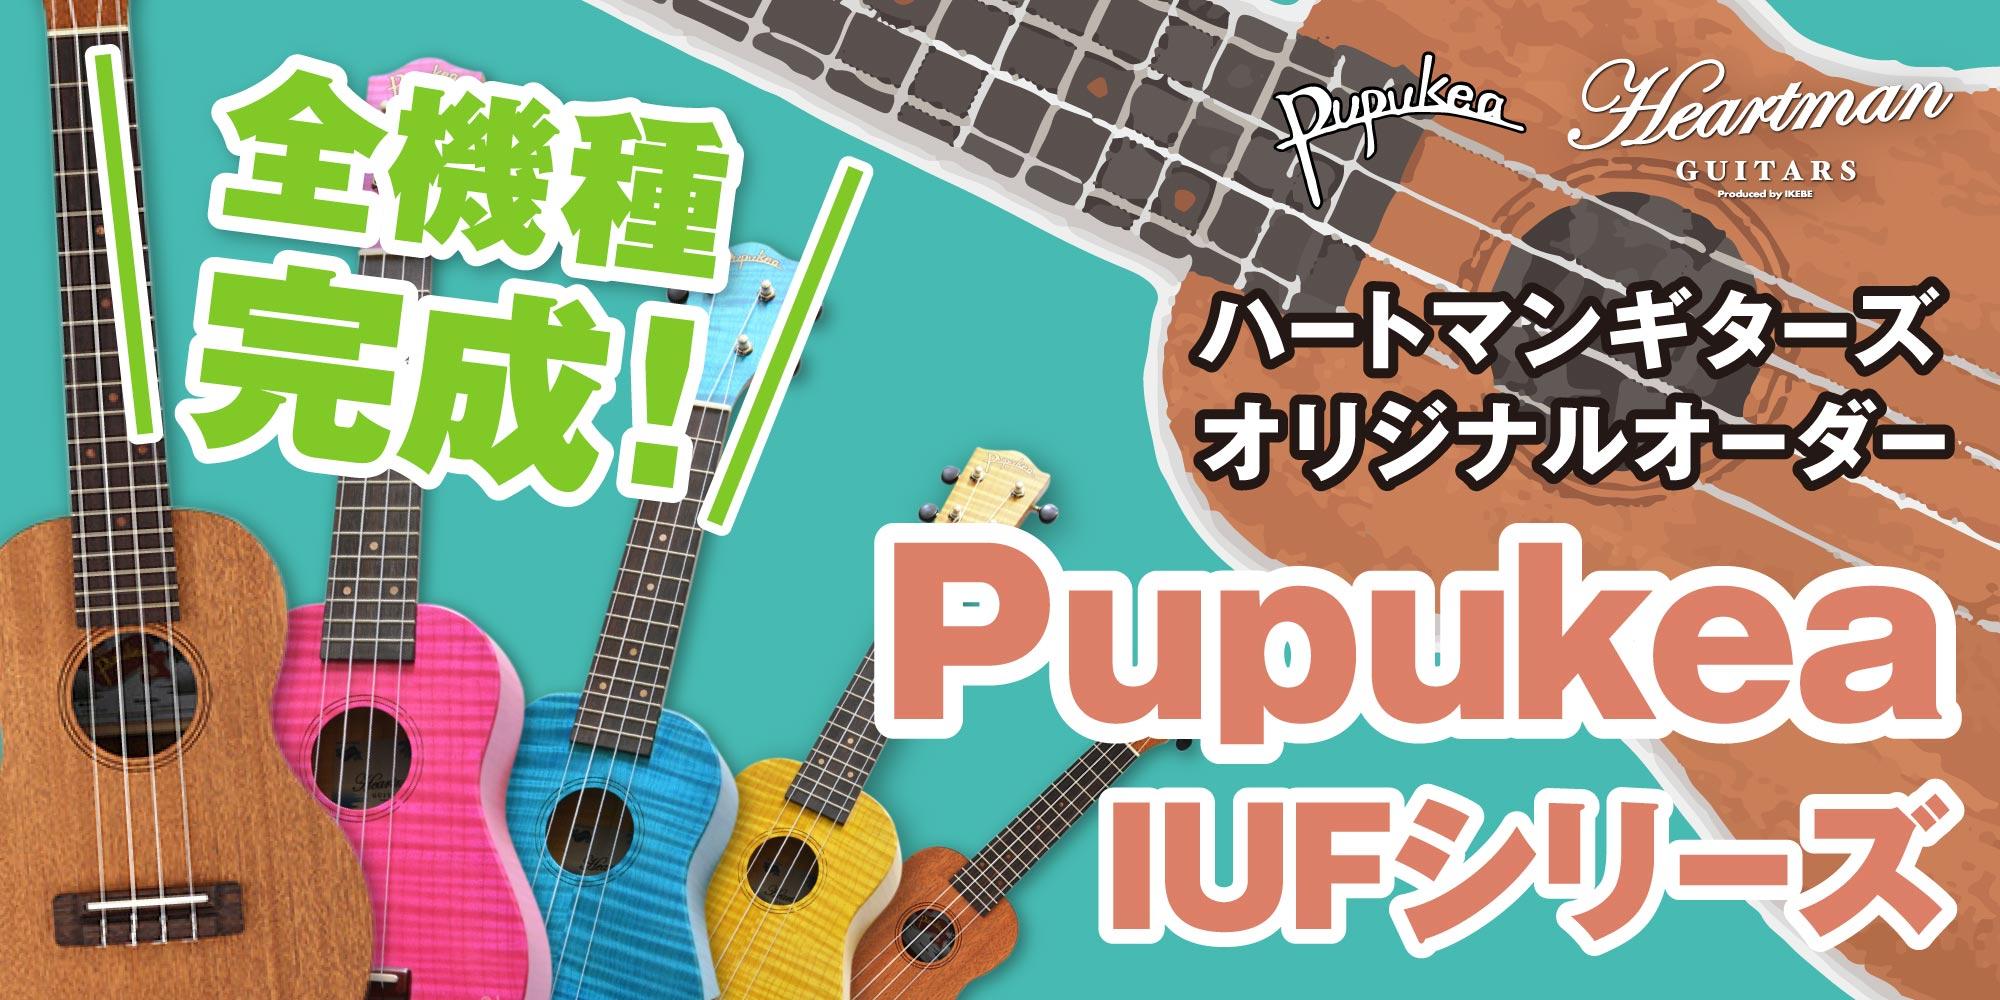 ハートマンギターズオリジナルオーダーIUFシリーズ全機種完成記念 Pupukea 夏のフェア開催